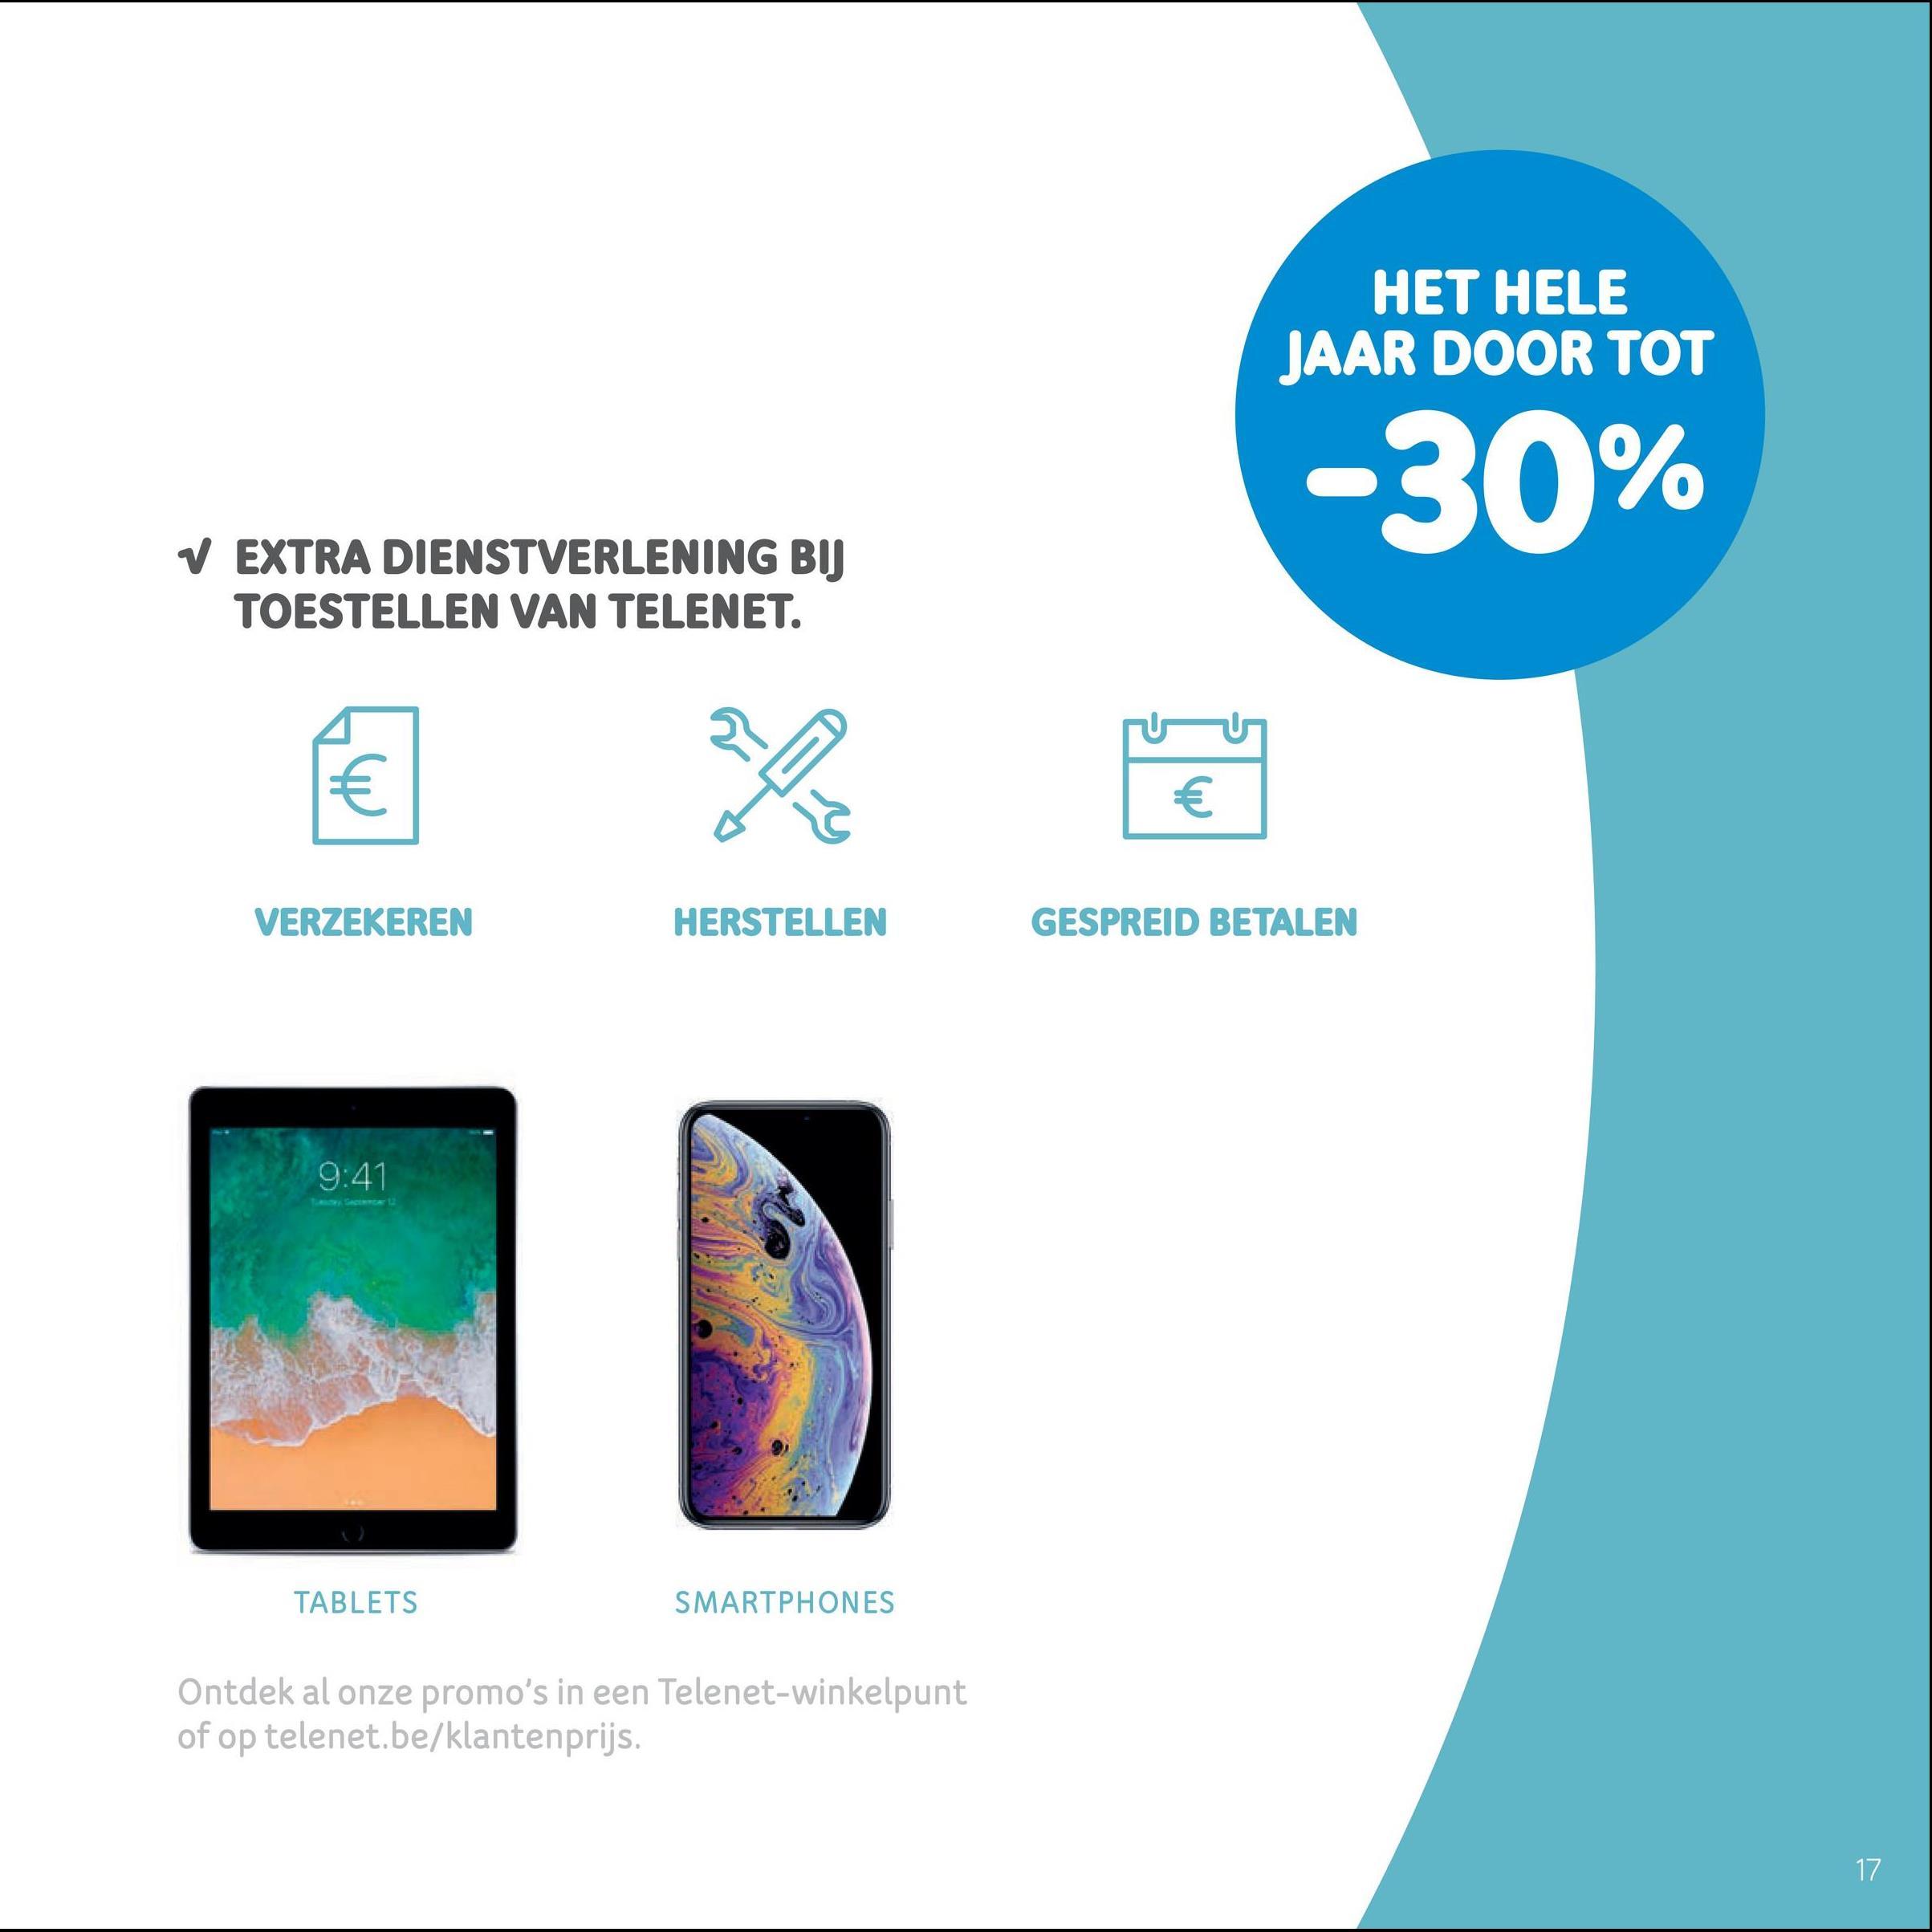 HET HELE JAAR DOOR TOT -30% V EXTRA DIENSTVERLENING BIJ TOESTELLEN VAN TELENET. VERZEKEREN HERSTELLEN GESPREID BETALEN 9:41 TABLETS SMARTPHONES Ontdek al onze promo's in een Telenet-winkelpunt of op telenet.be/klantenprijs.